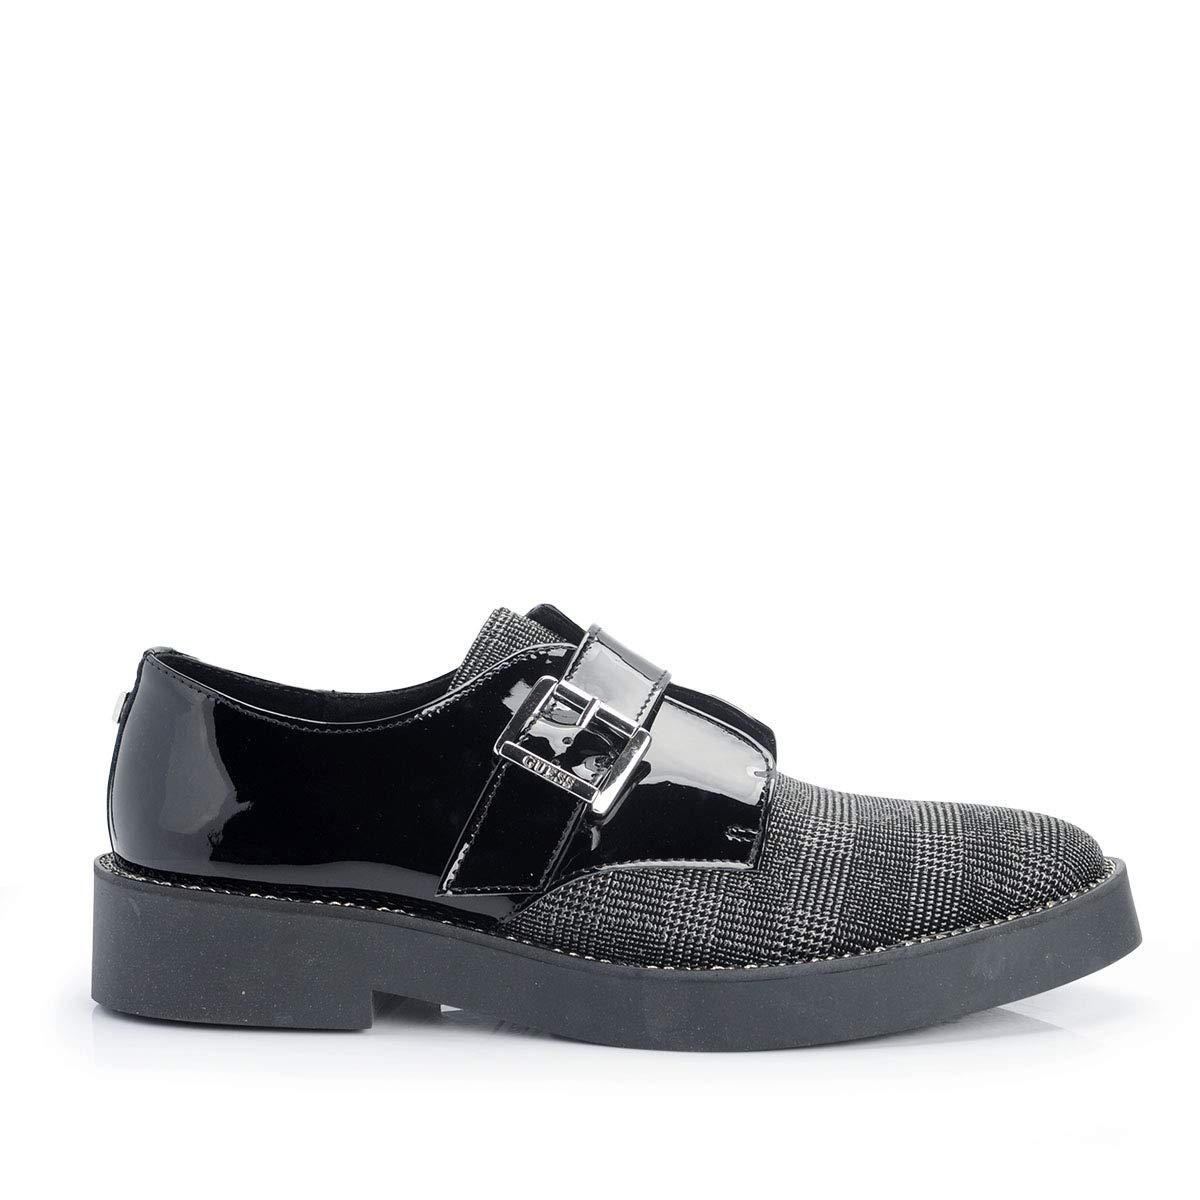 Guess Schuhe Anabela - FLANB4 LEA13   Anabela 2 - Größe  40(EU)